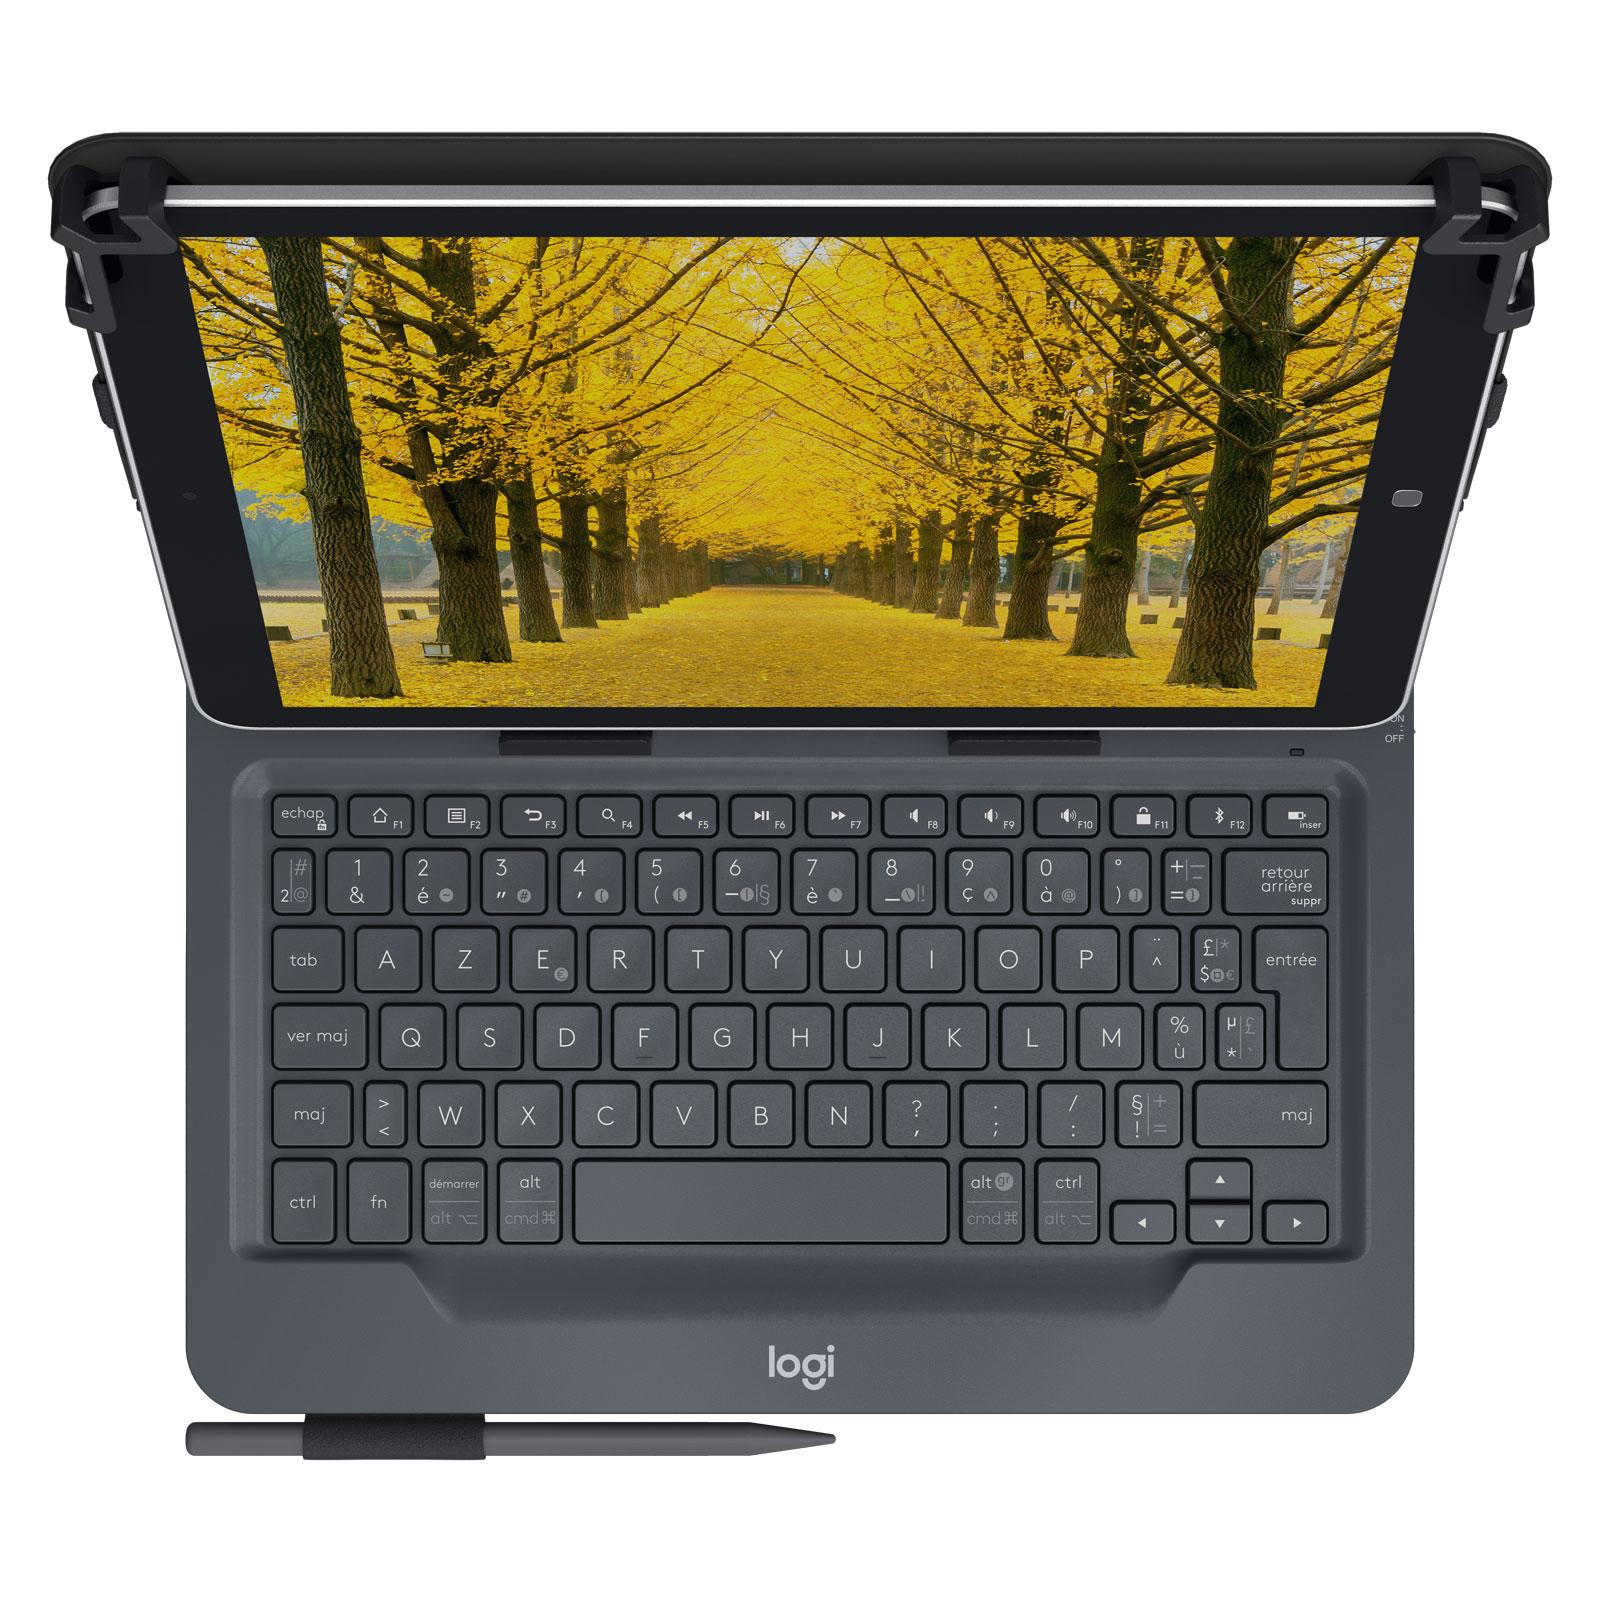 Etui UNIVERSAL FOLIO avec clavier intégré - Accessoire tablette - 4